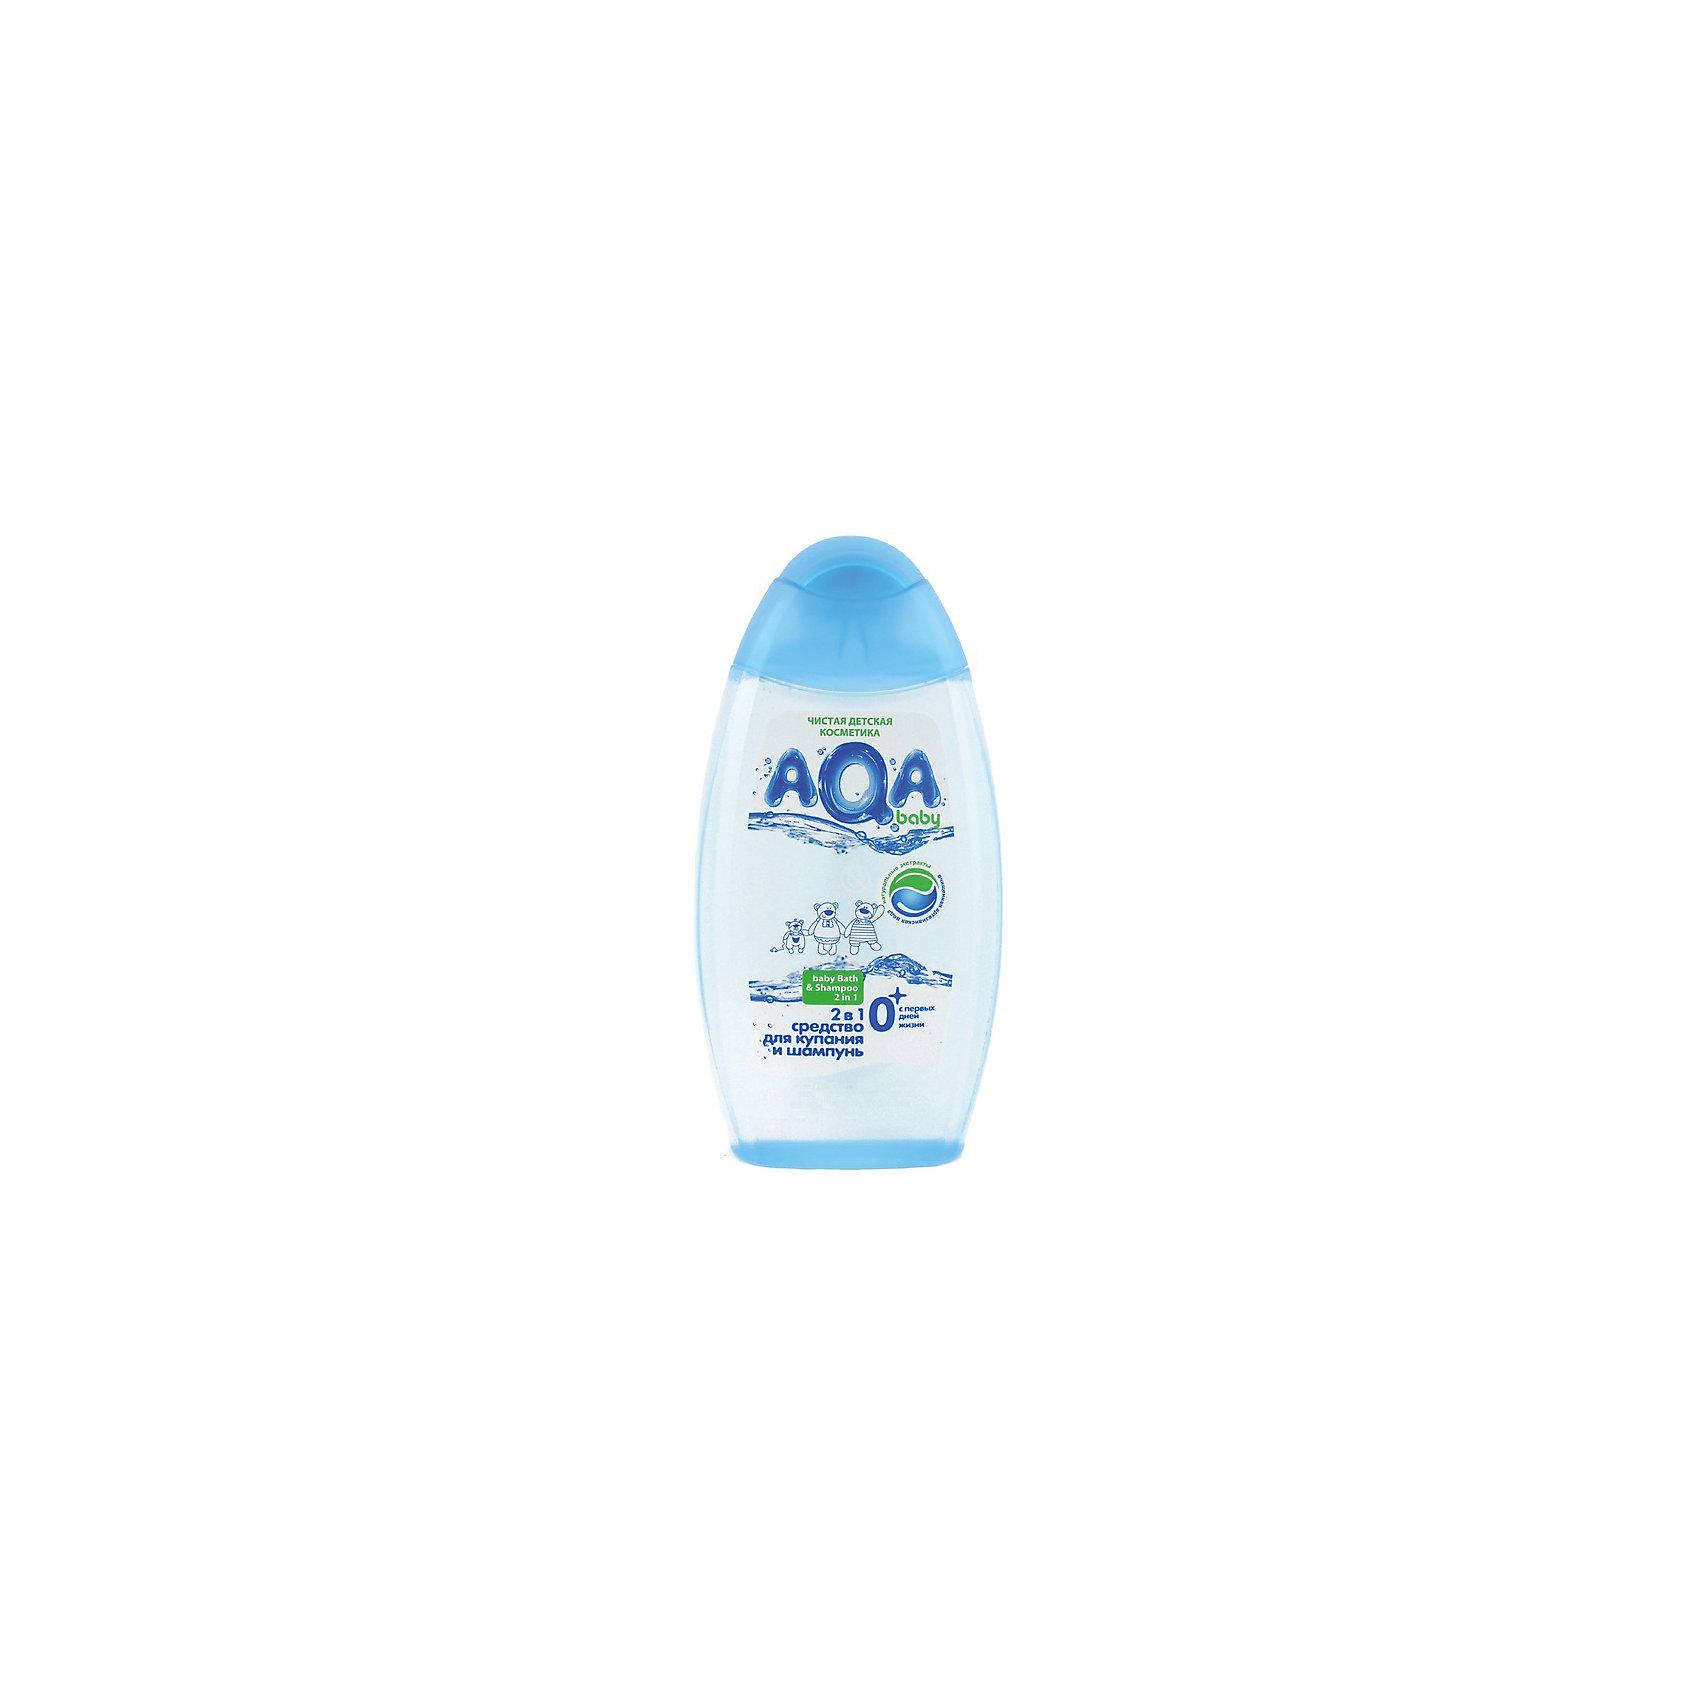 Средство для купания и шампунь 2 в 1, AQA baby, 250 мл.Косметика для купания<br>Универсальное средство для мягкого очищения волос и тела на основе воды из артезианского источника.<br>Не сушит кожу<br>Без парабенов<br>Без слез<br>Особенности:<br>Универсальное средство для нежного очищения кожи и волос малыша.<br>Подходит для детей с первых дней жизни.<br>Специальная комбинация из экстрактов ромашки, календулы и Д-пантенола смягчает и питает кожу.<br>Не сушит кожу.<br>Без парабенов.<br>Не тестируется на животных.<br>Объем: 500 мл.<br>Способ применения: небольшое количество средства нанесите на тело или волосы, мягко вспеньте, а затем хорошенько смойте водой.<br><br>Ширина мм: 158<br>Глубина мм: 500<br>Высота мм: 75<br>Вес г: 800<br>Возраст от месяцев: 0<br>Возраст до месяцев: 36<br>Пол: Унисекс<br>Возраст: Детский<br>SKU: 4729806